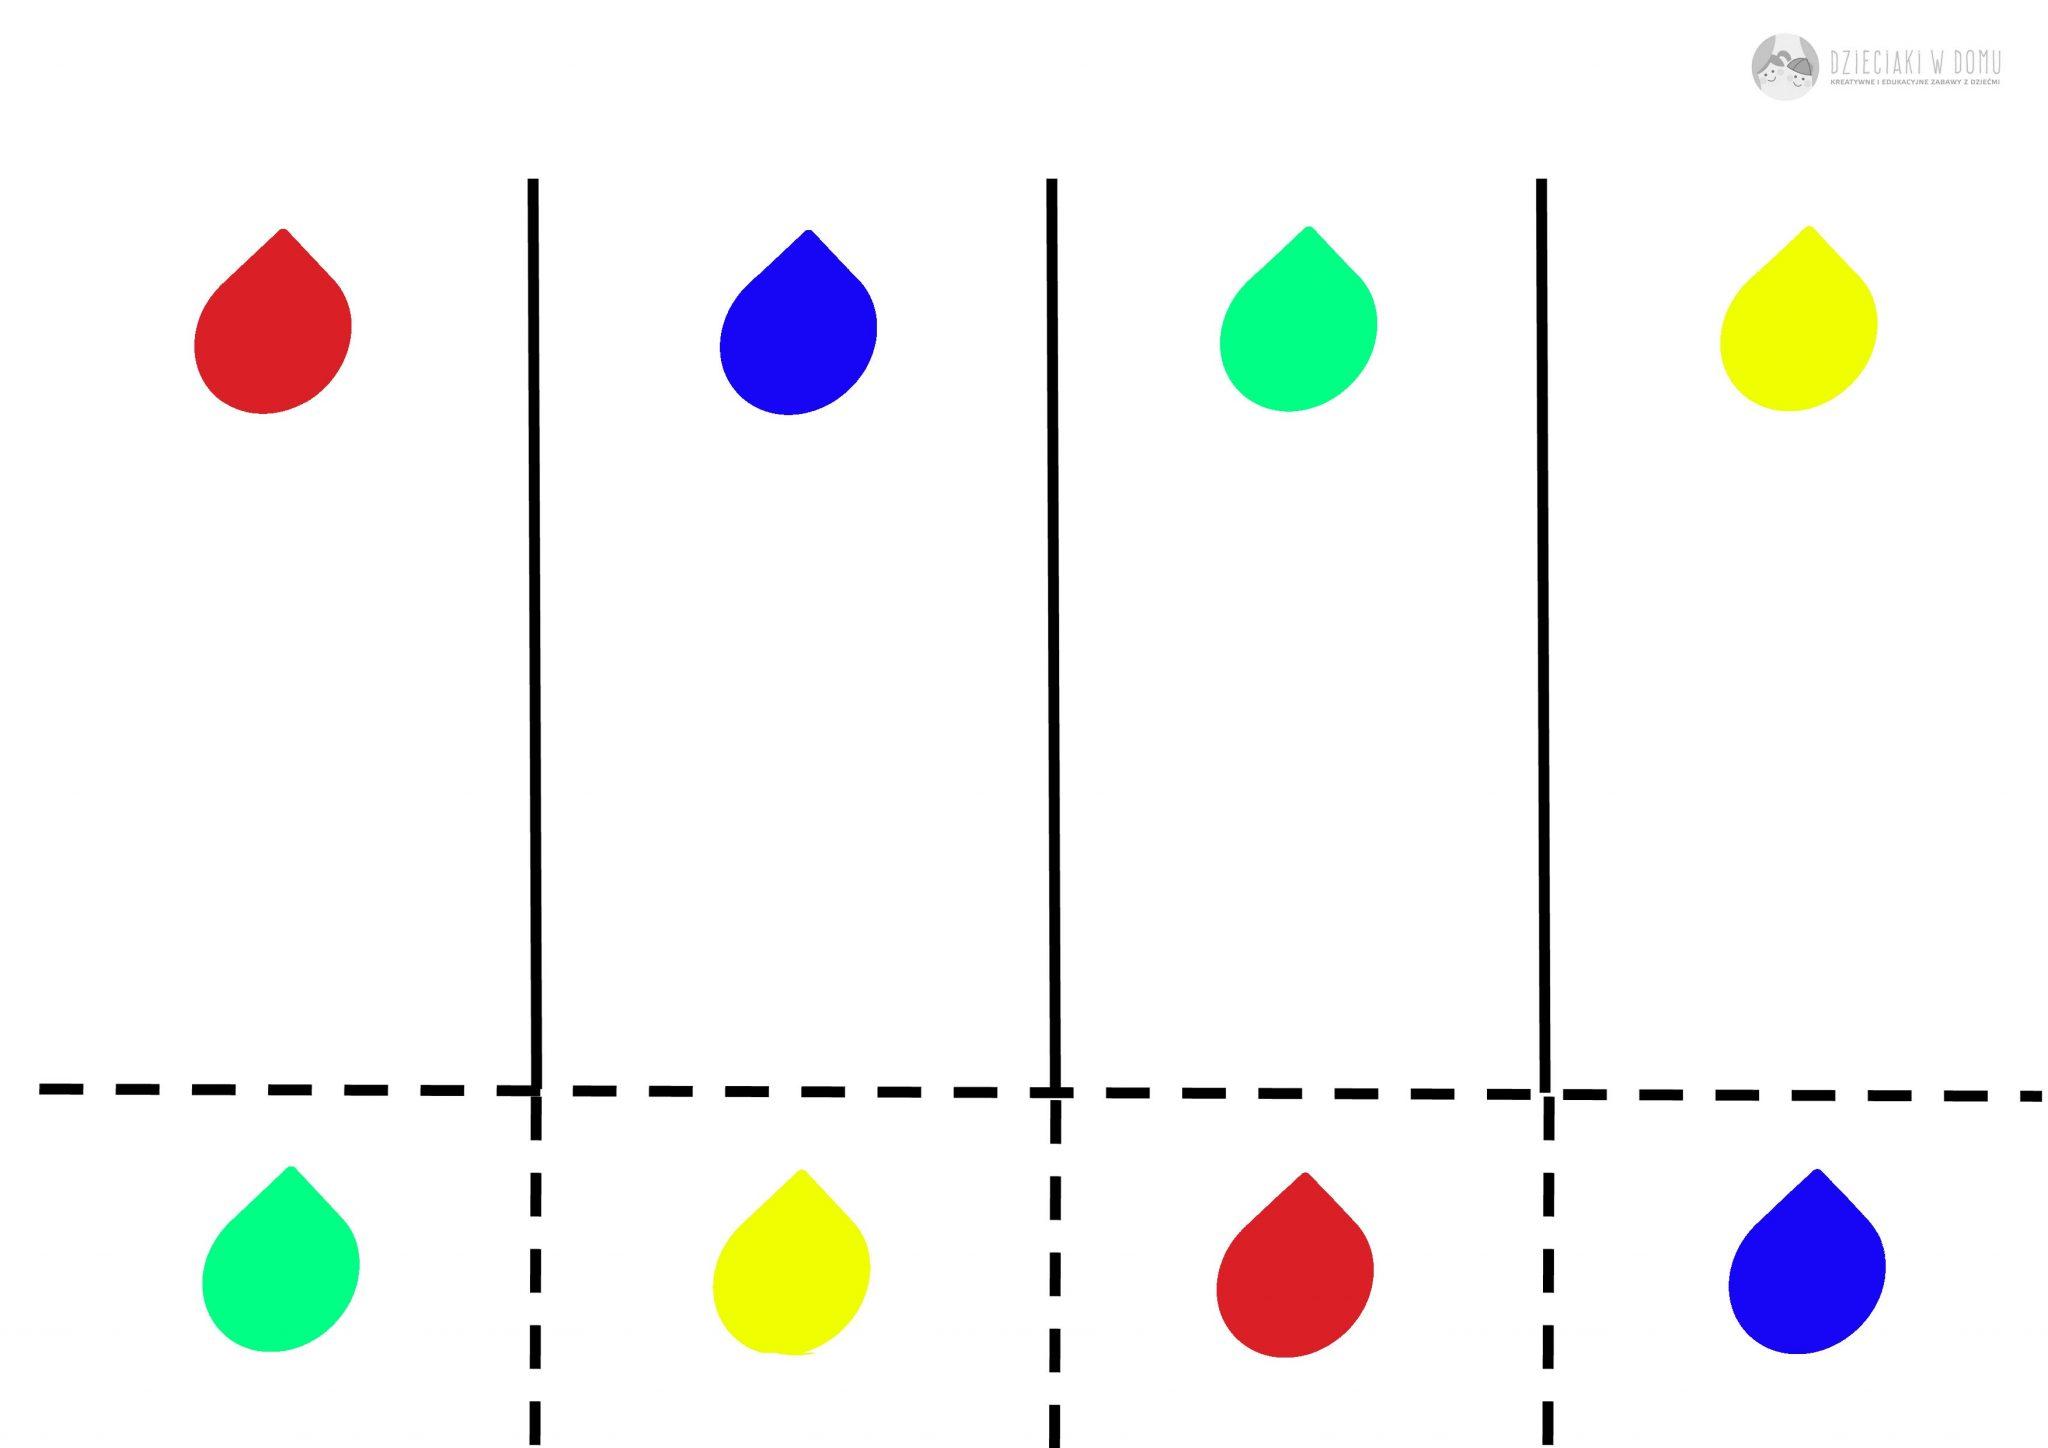 krople deszczu - kolory - karta pracy dla dzieci